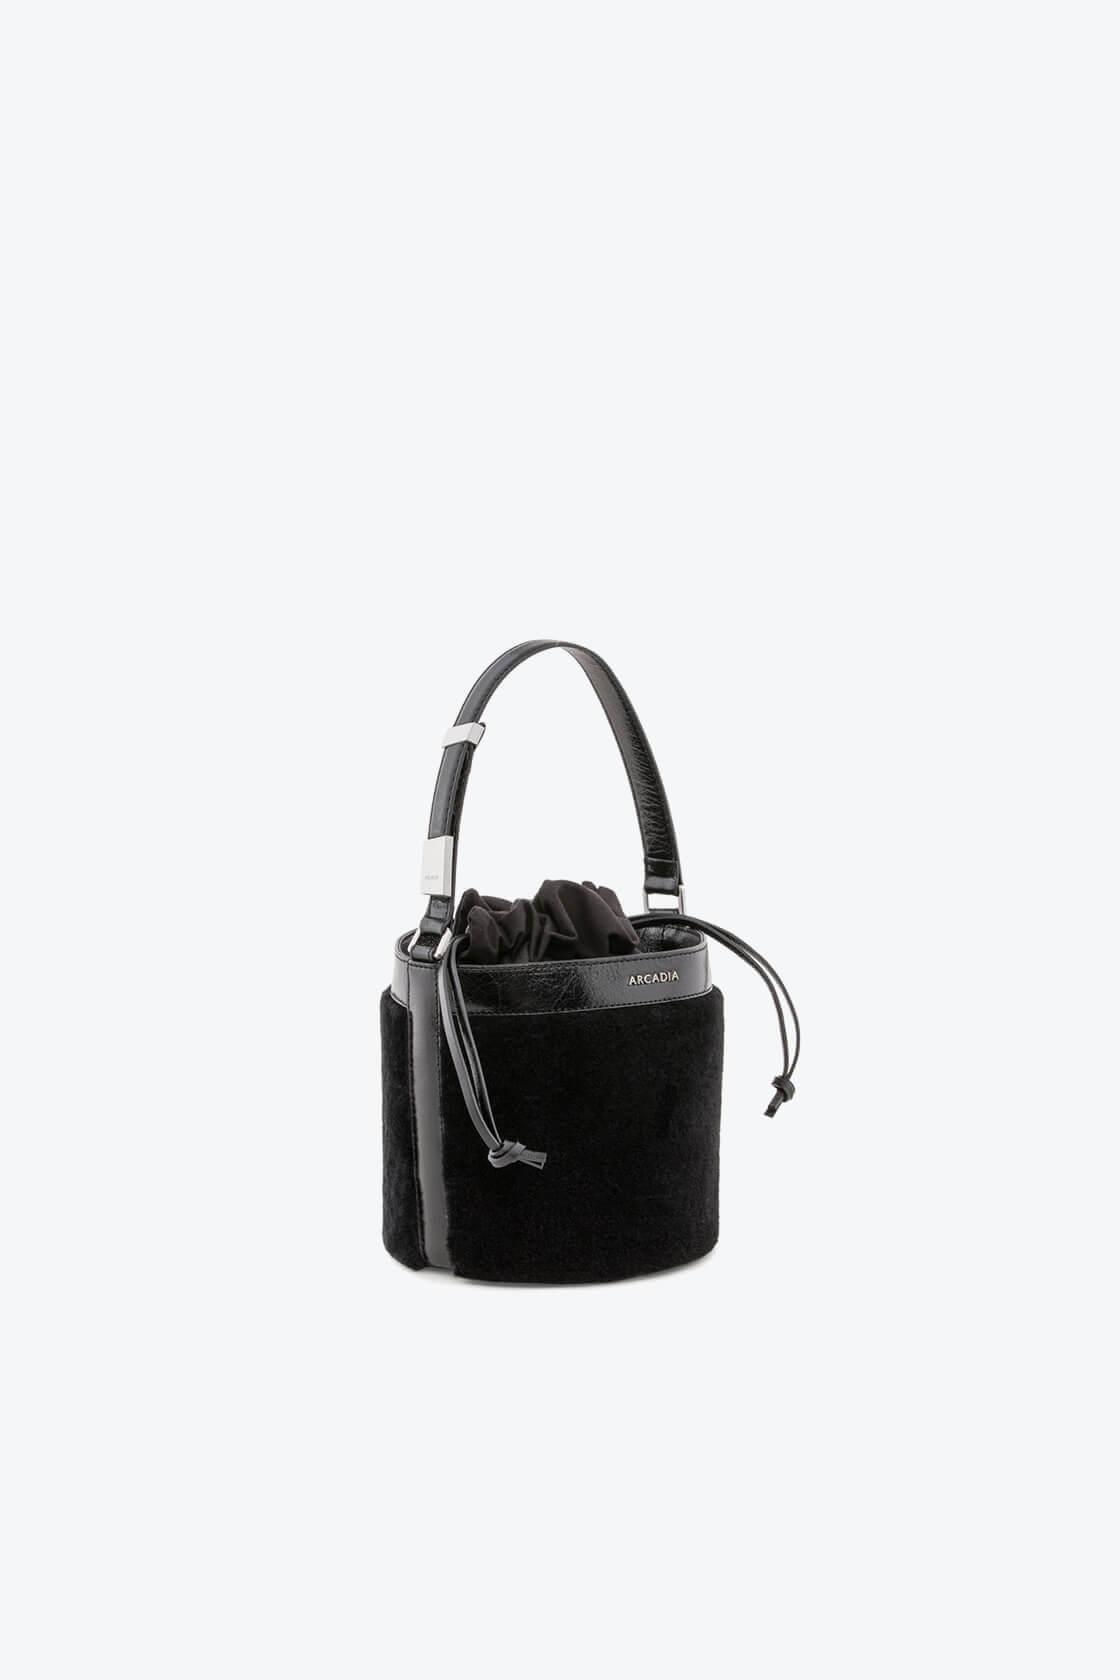 ol80000125 medea small bucket bag 1